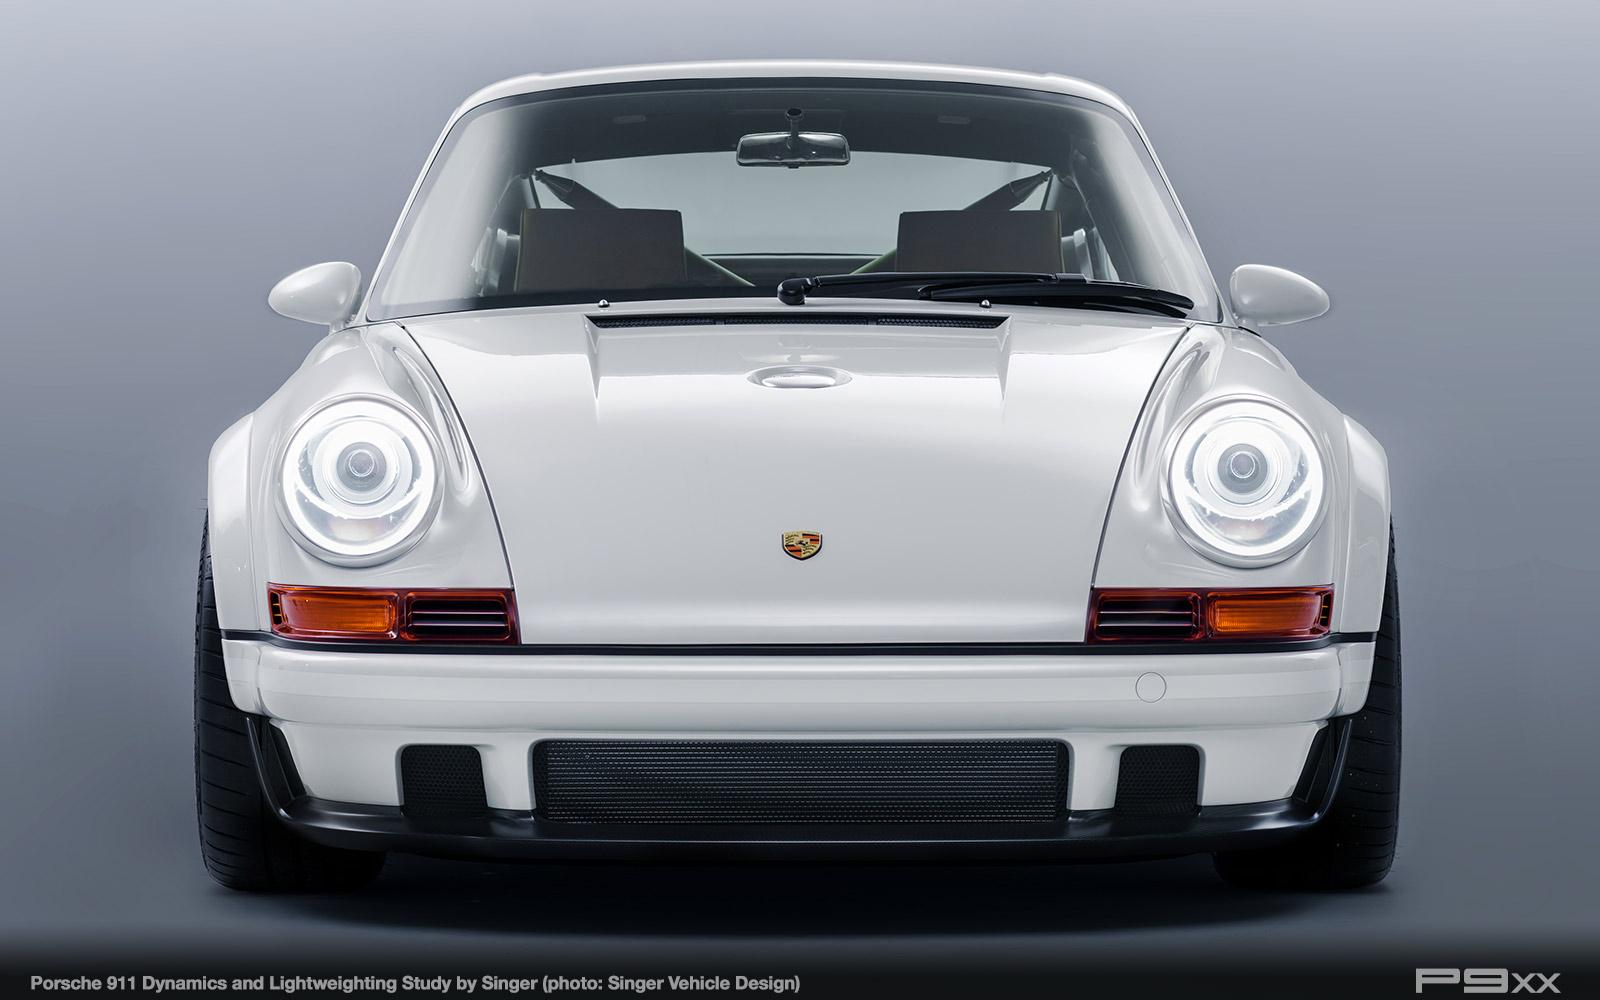 Singer-DLS-Porsche-911-289